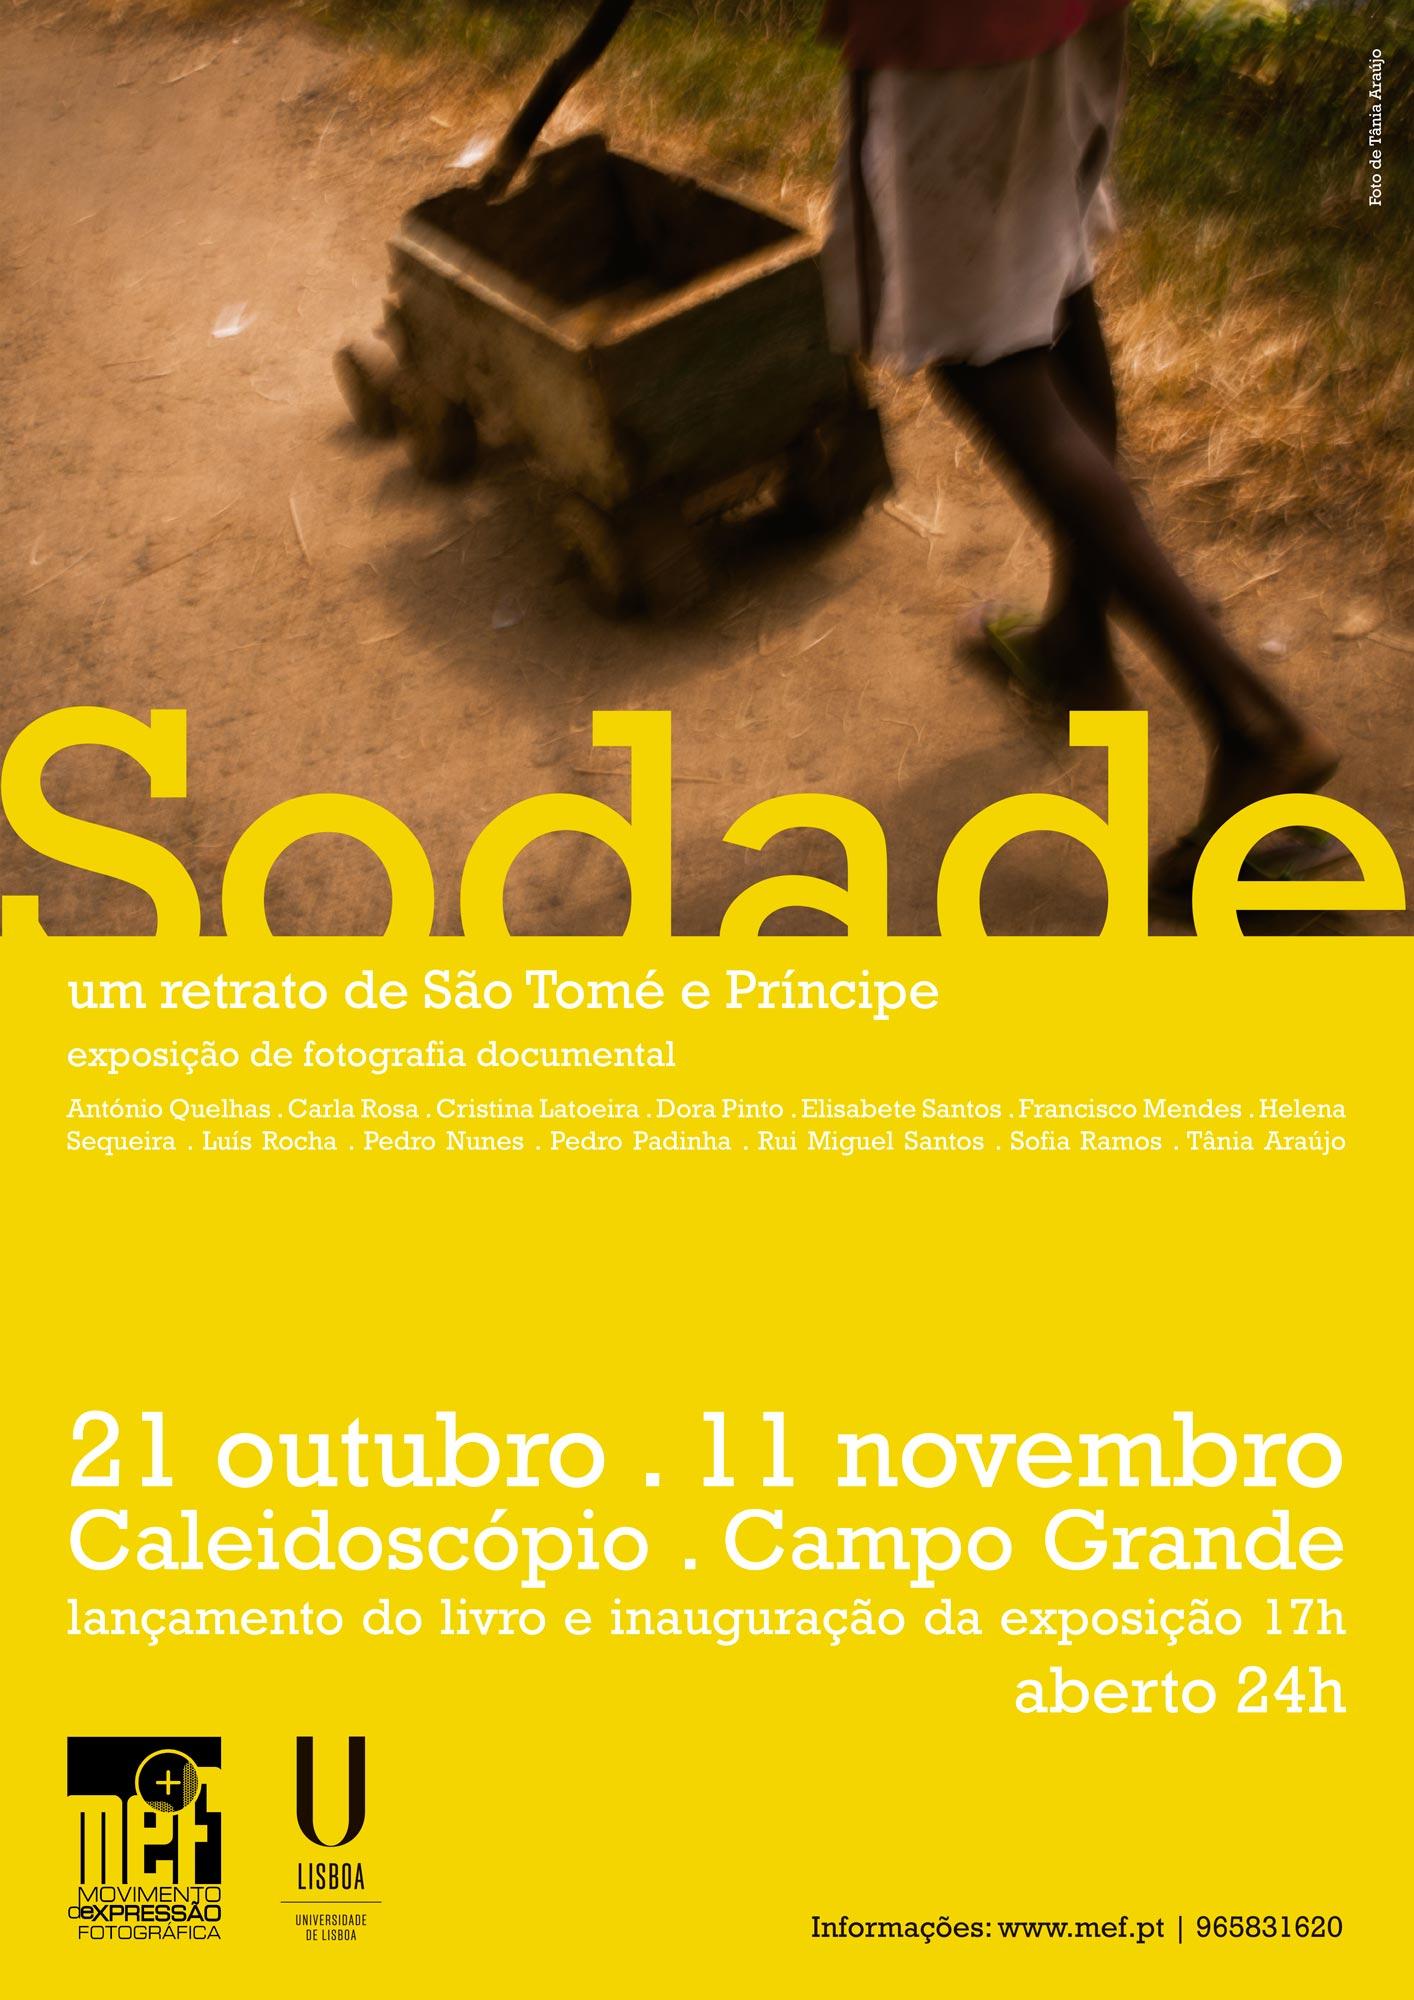 Sodade-cartaz-A3.jpg